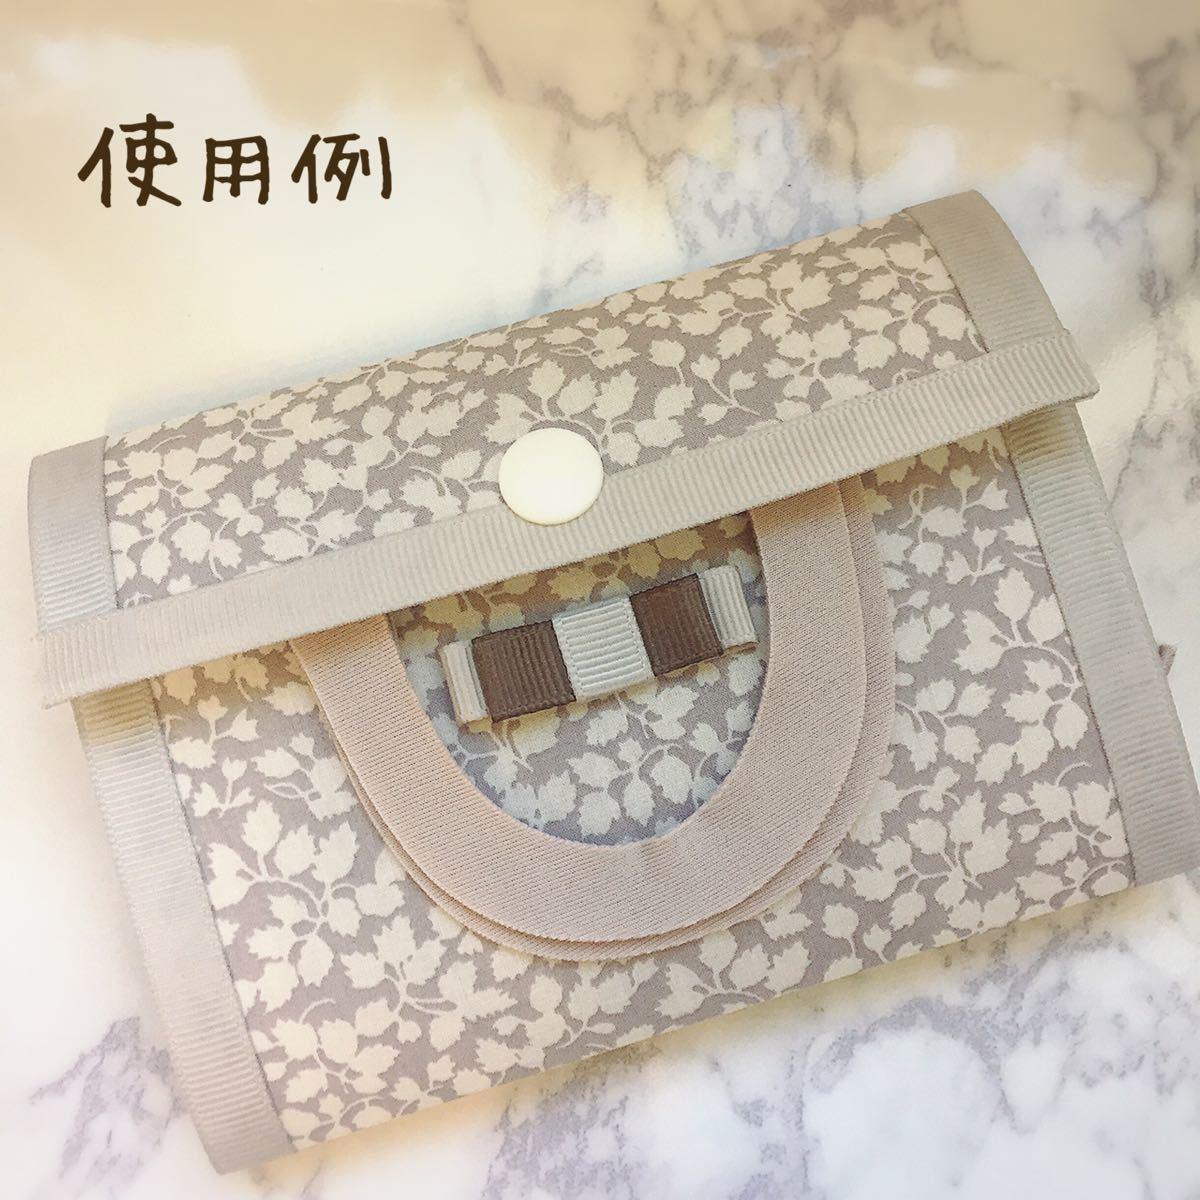 仮置き インナーケース 立体インナーケース リバティプリント使用 ハンドメイド 大きめ 布タイプ  前開きタイプ No.8